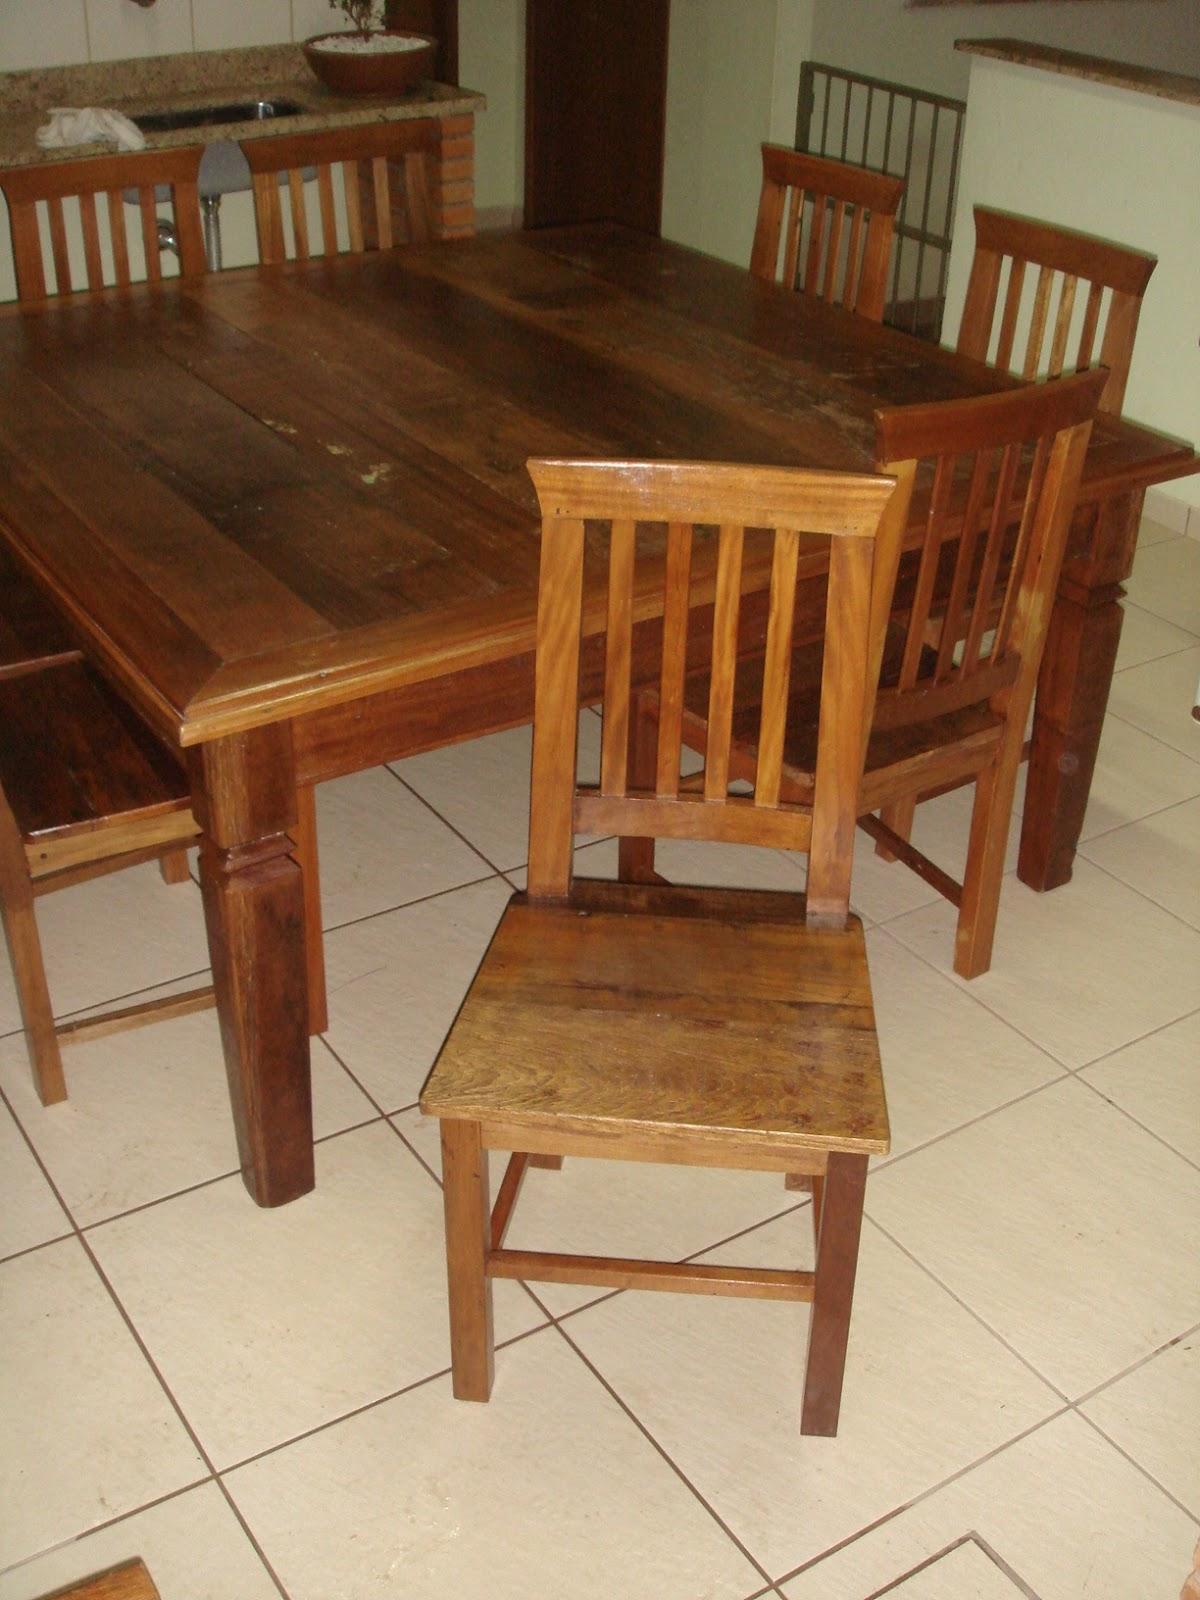 antiguidades: Jogo de mesa e cadeiras em madeira de demolição #6C3B1D 1200x1600